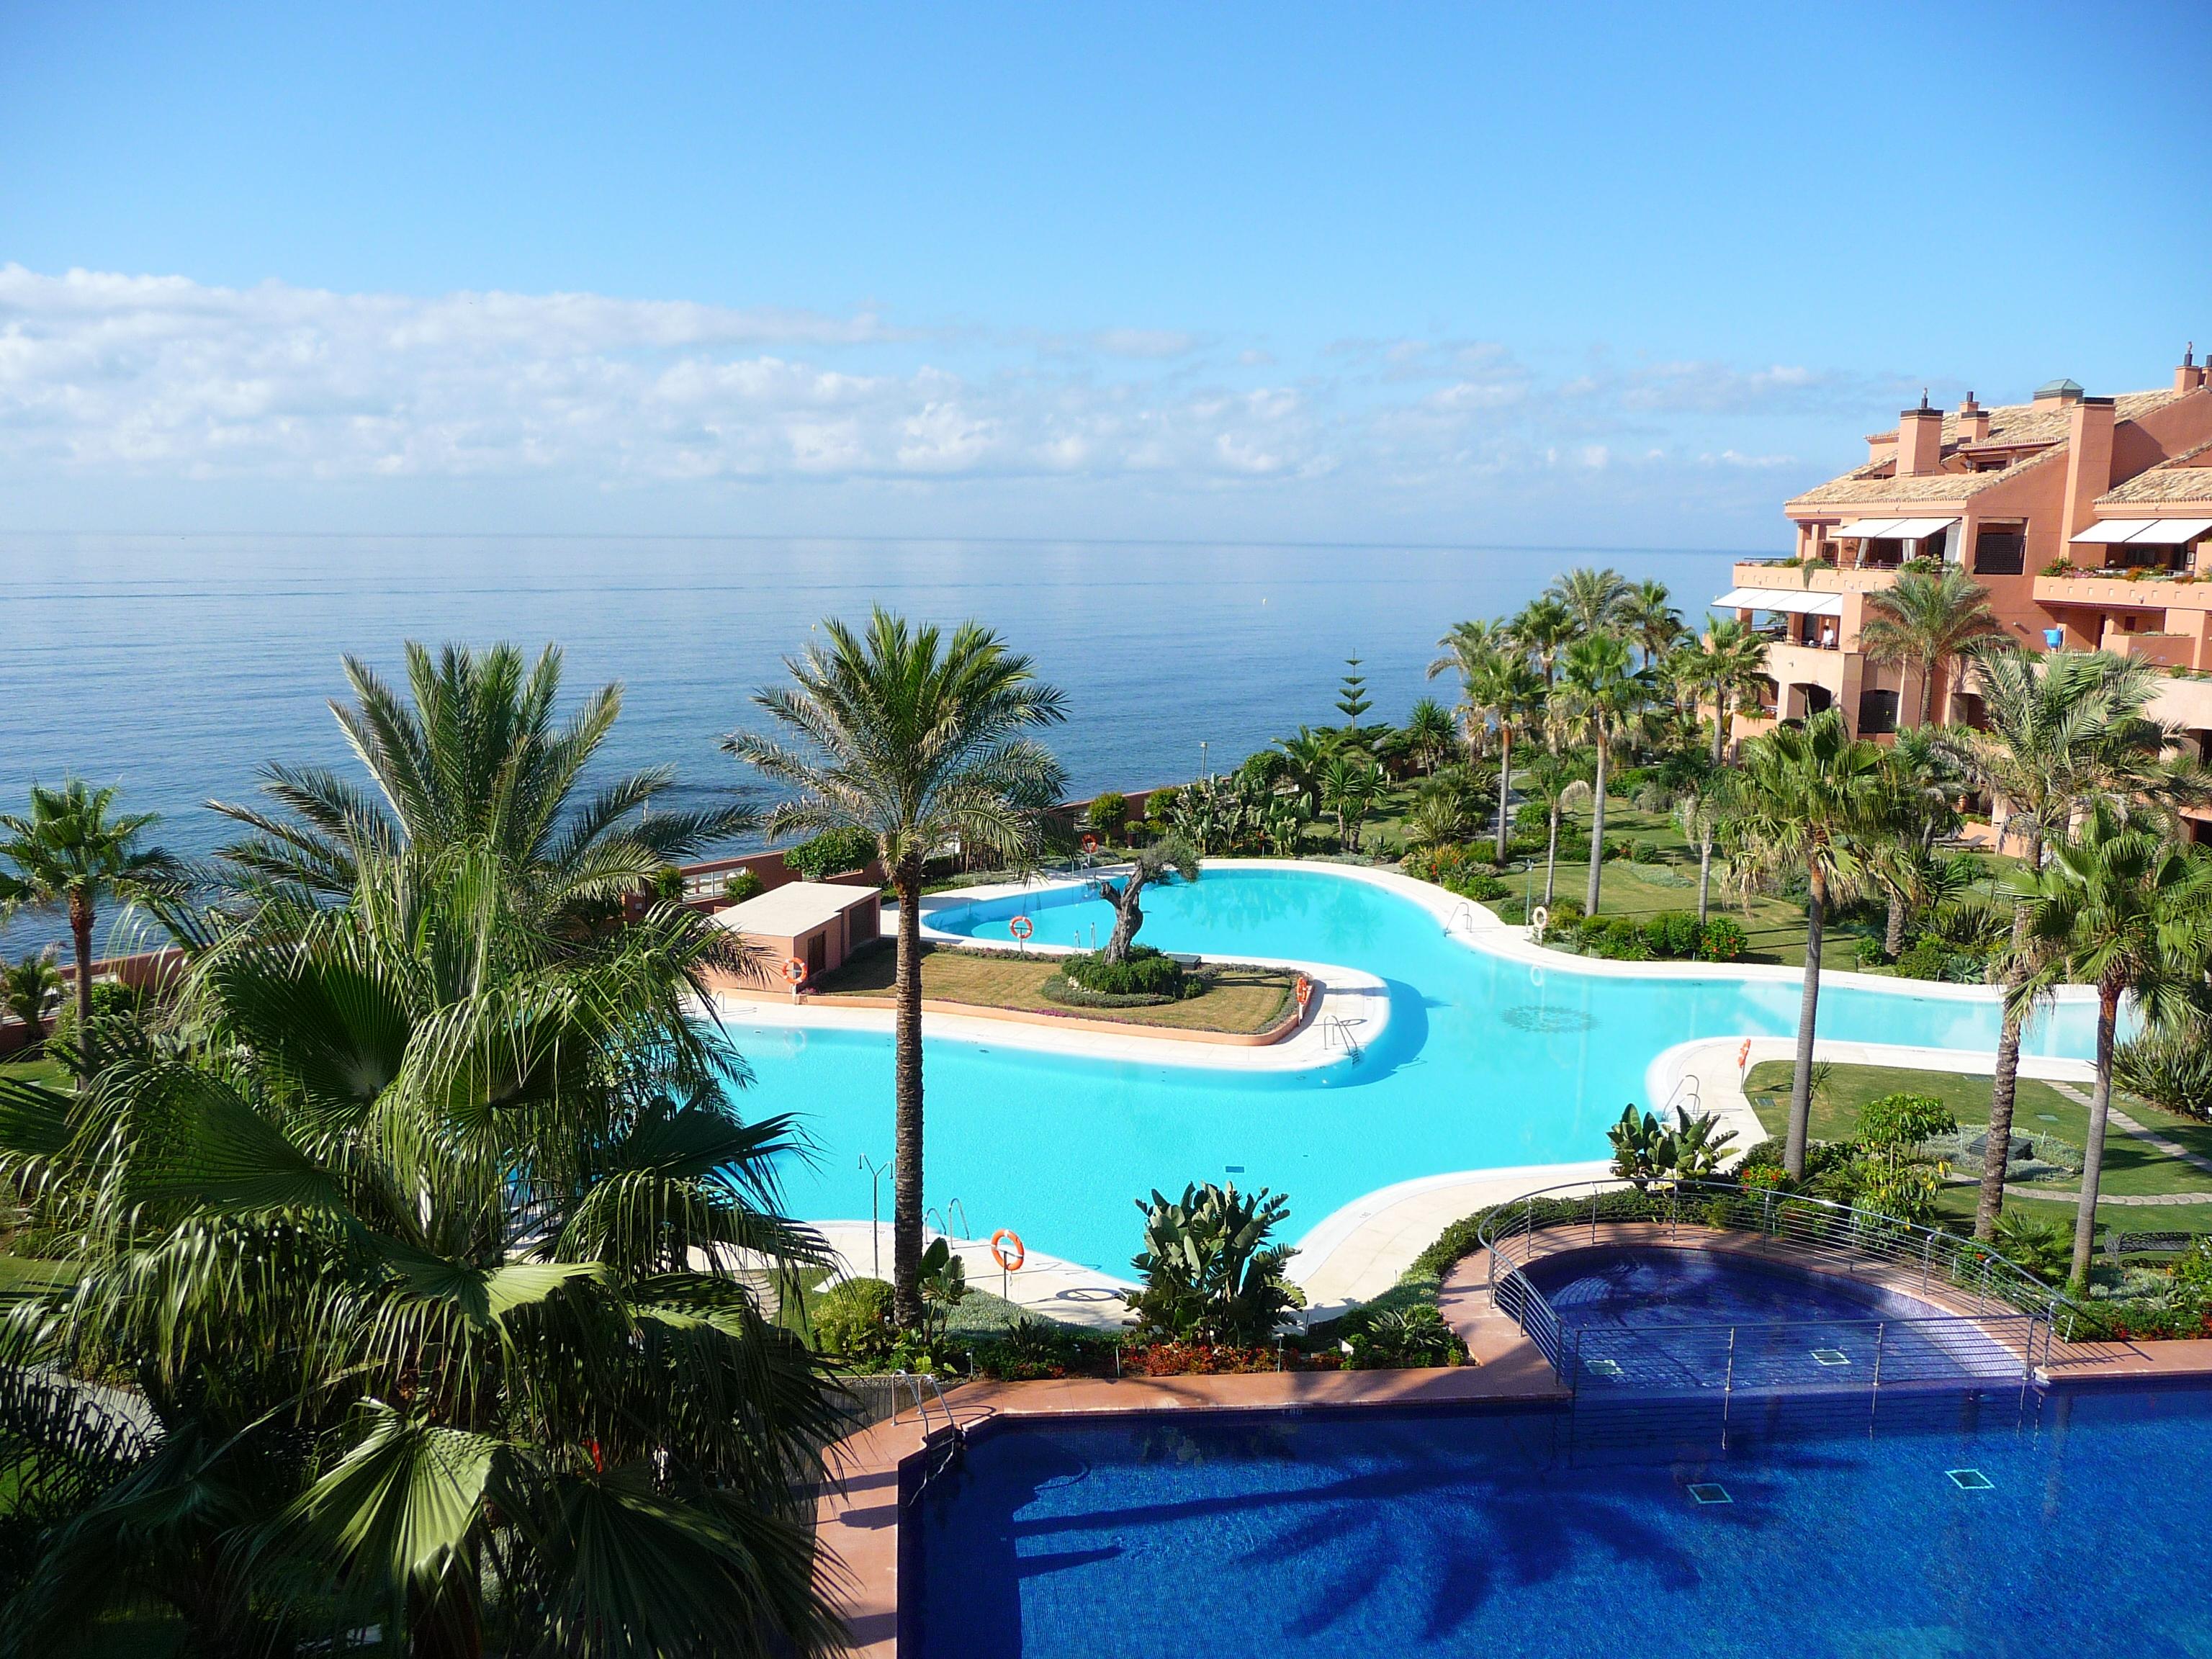 Le secteur immobilier de Marbella connait une tendance a la hausse